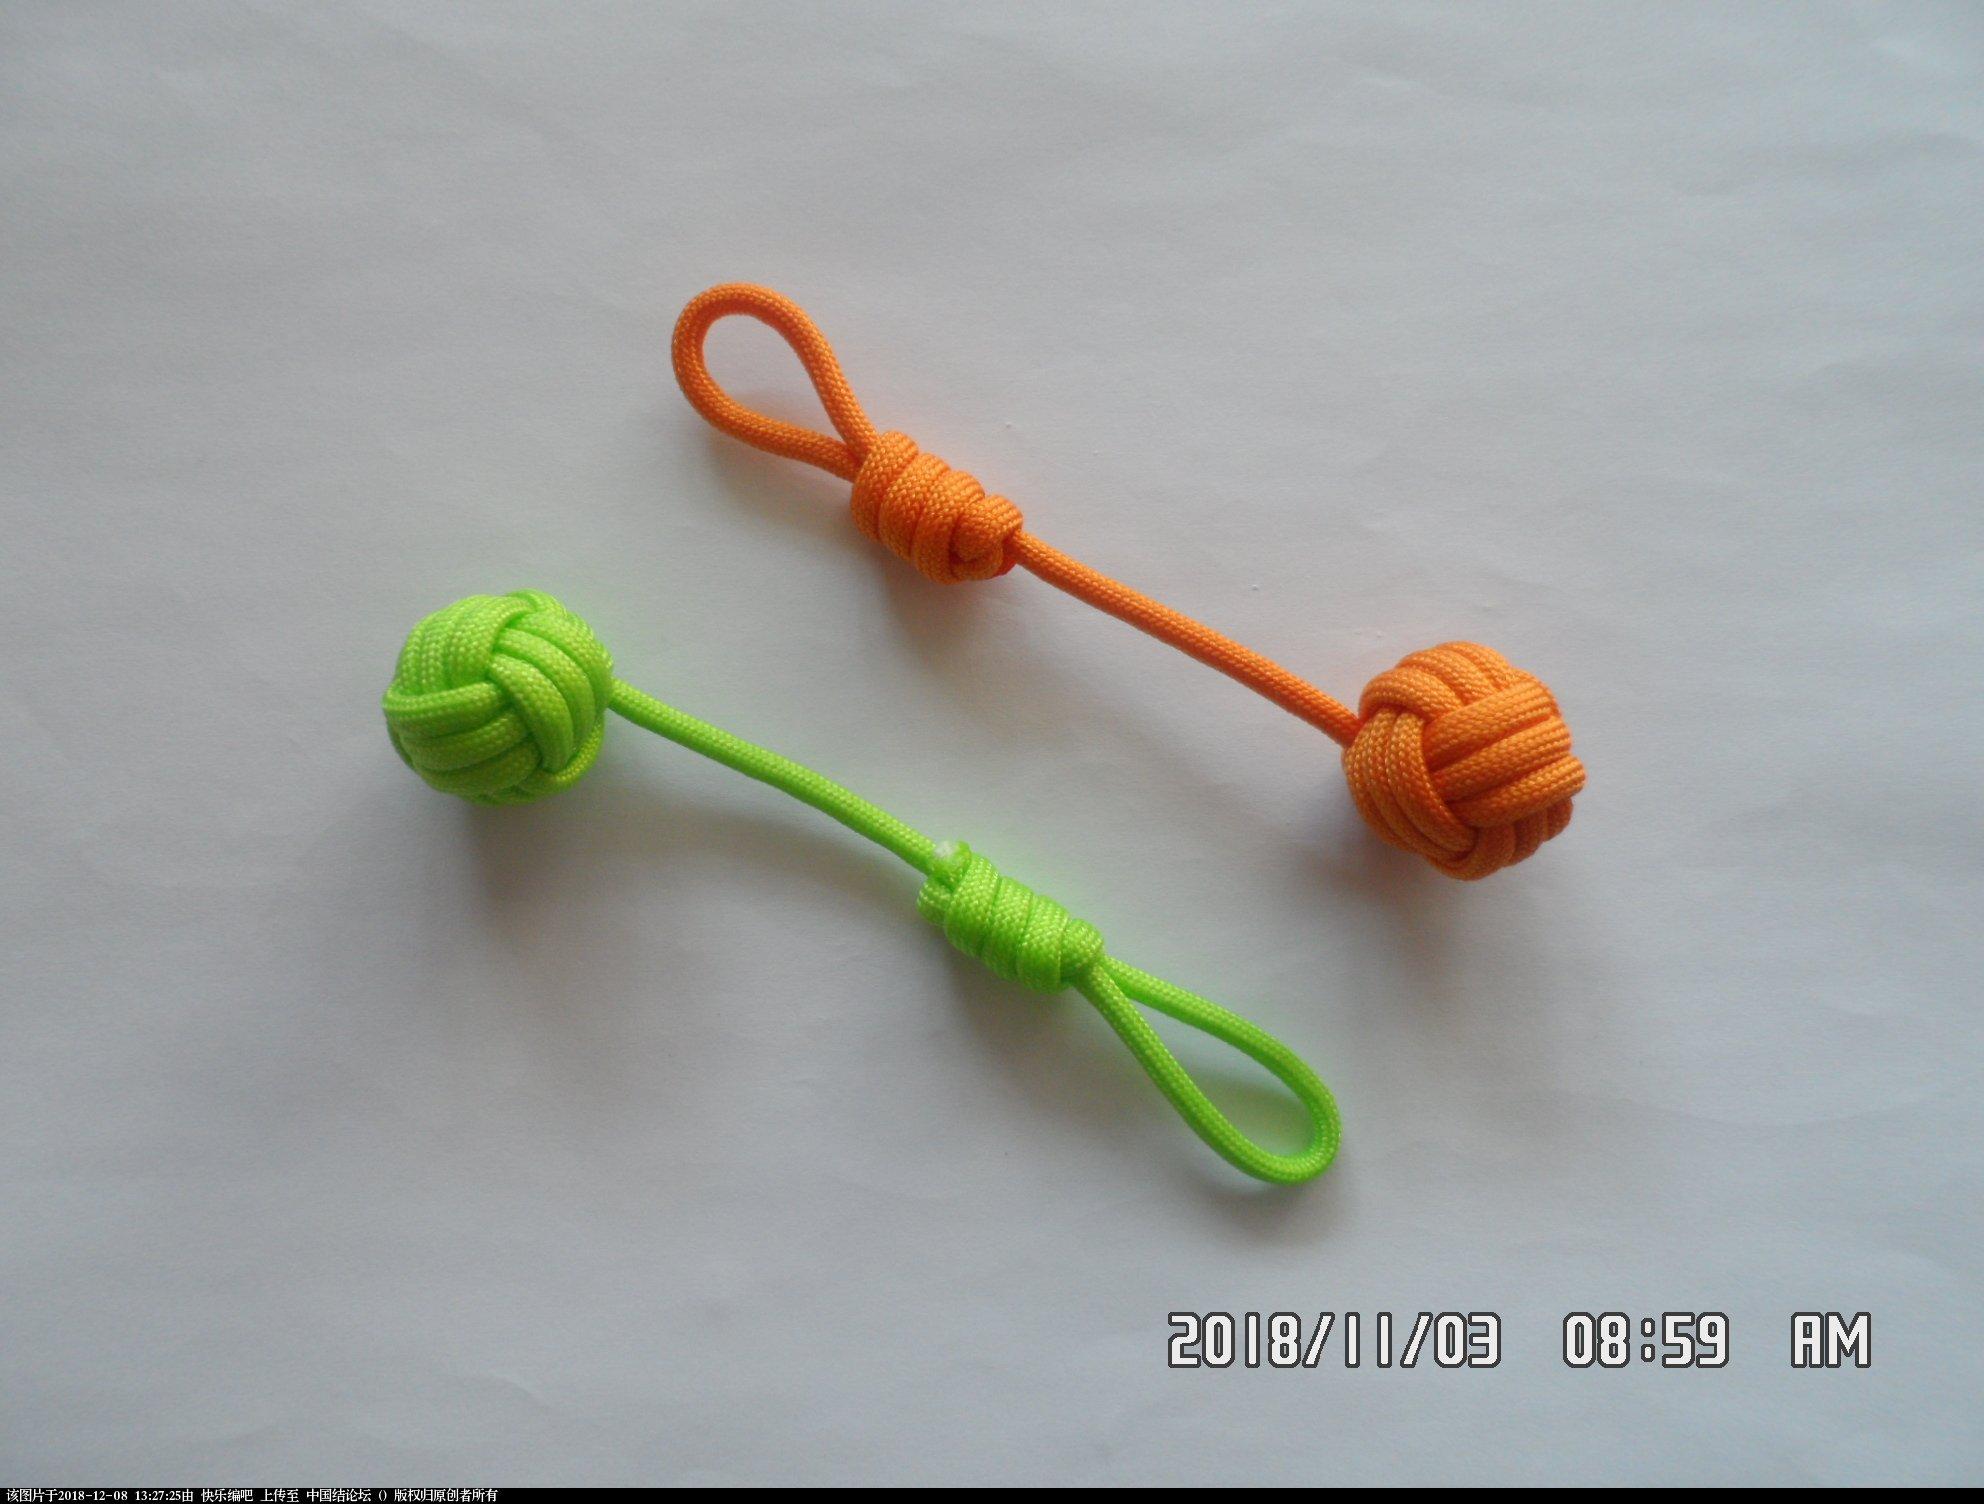 中国结论坛 简单实用的伞绳小挂件(5)—— 猴拳结还可以这样编 还可,可以,这样,猴拳,—— 图文教程区 124729bm8dj00ozsj6sd4o